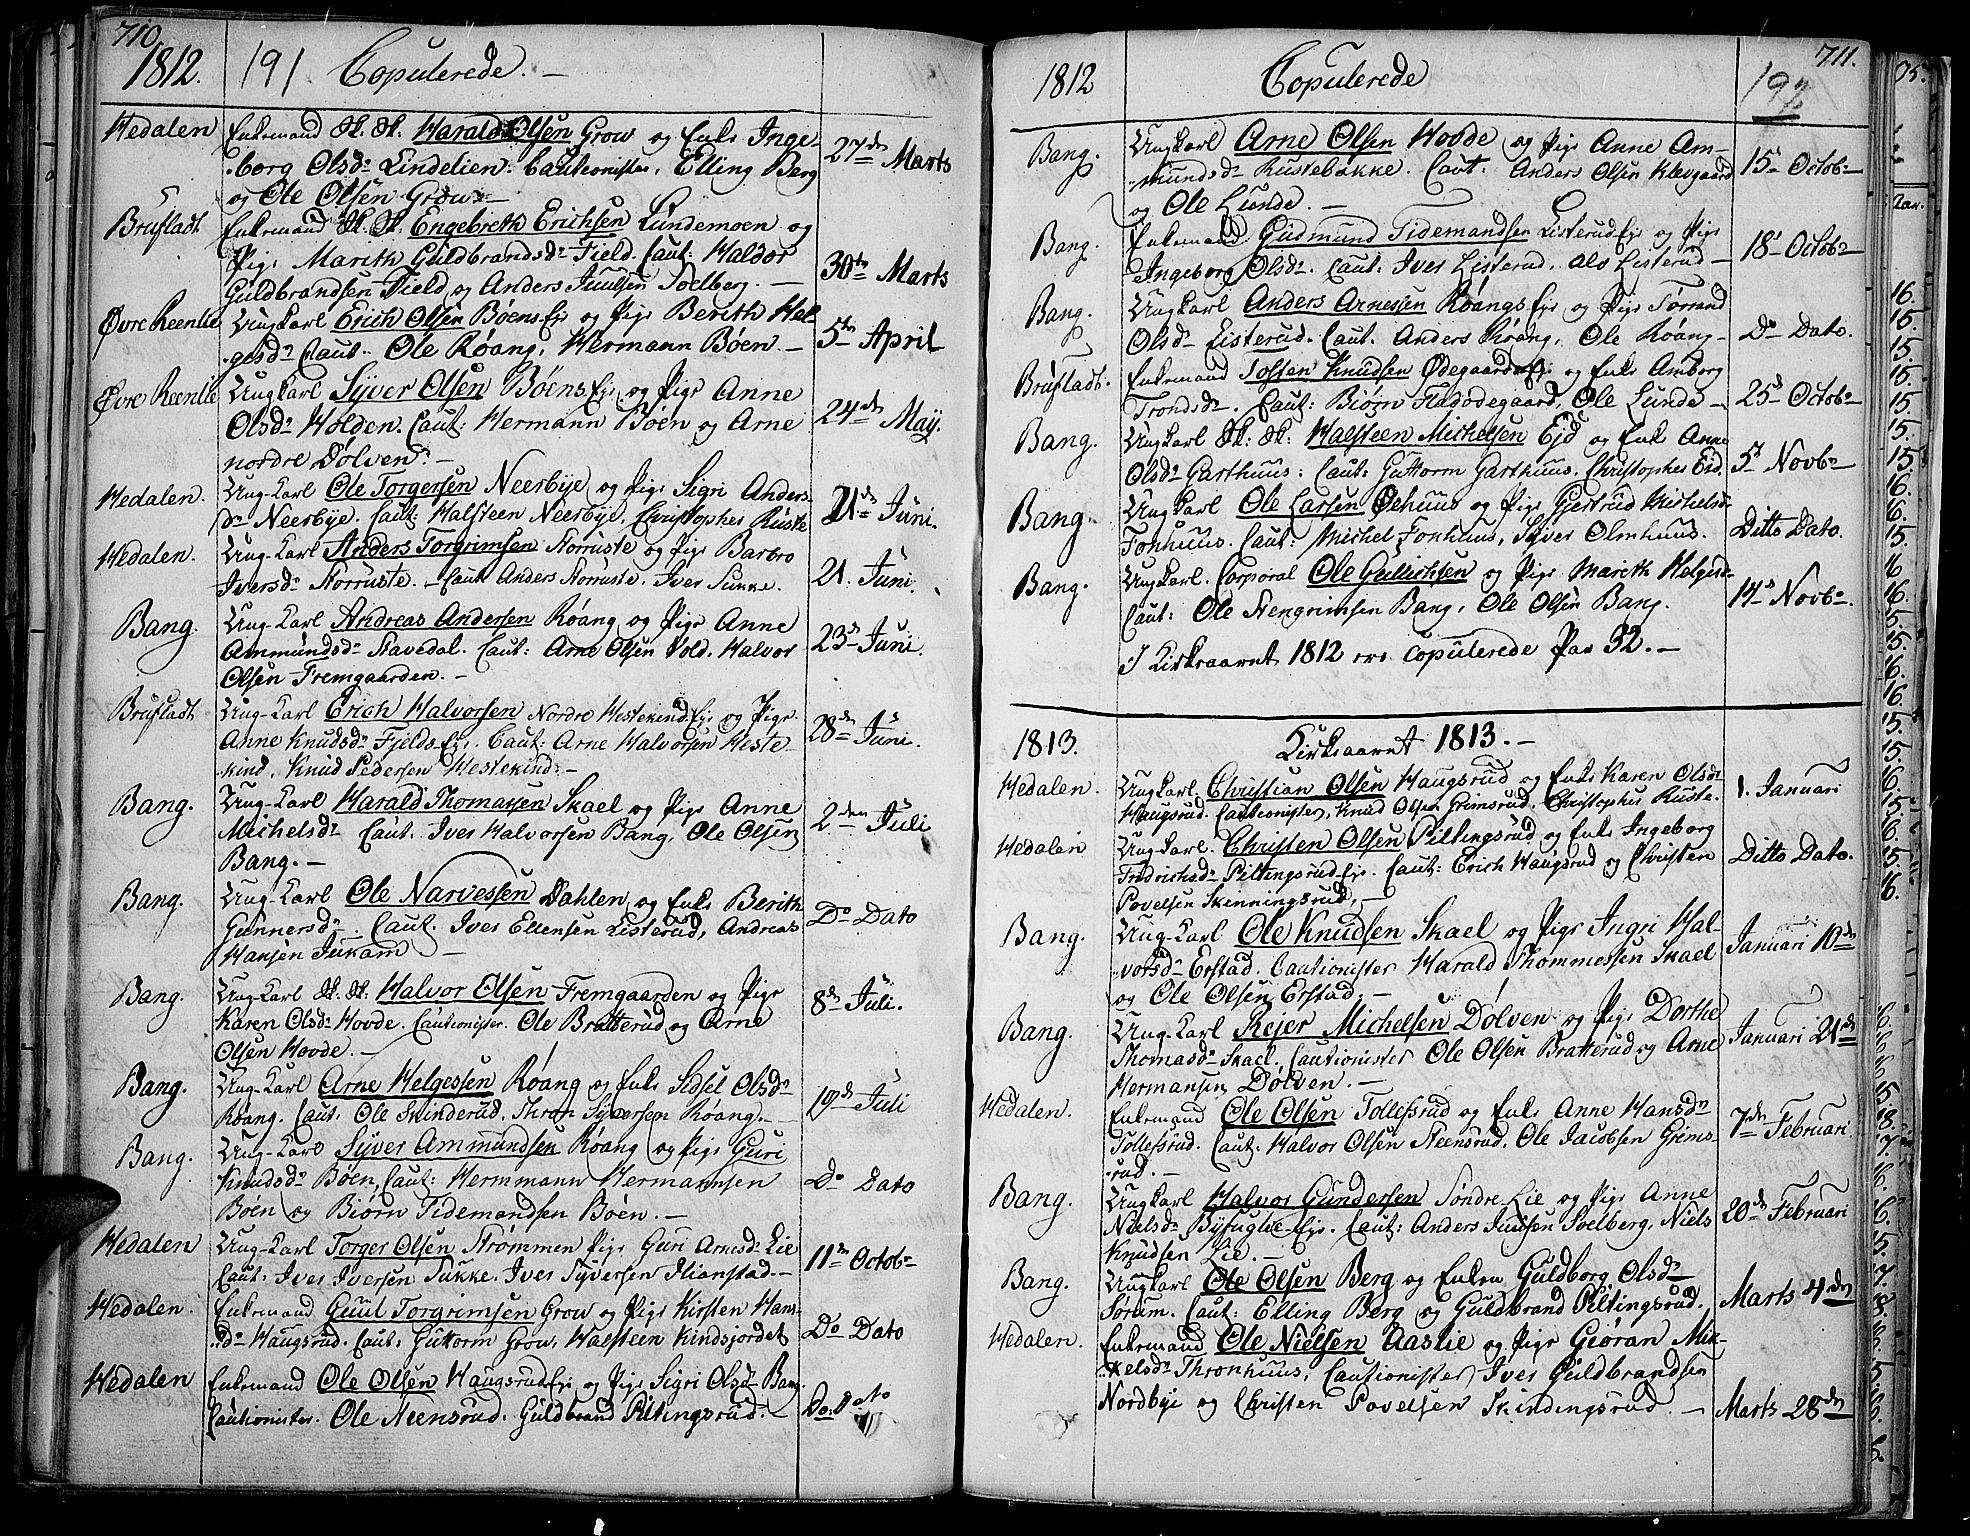 SAH, Sør-Aurdal prestekontor, Ministerialbok nr. 1, 1807-1815, s. 191-192